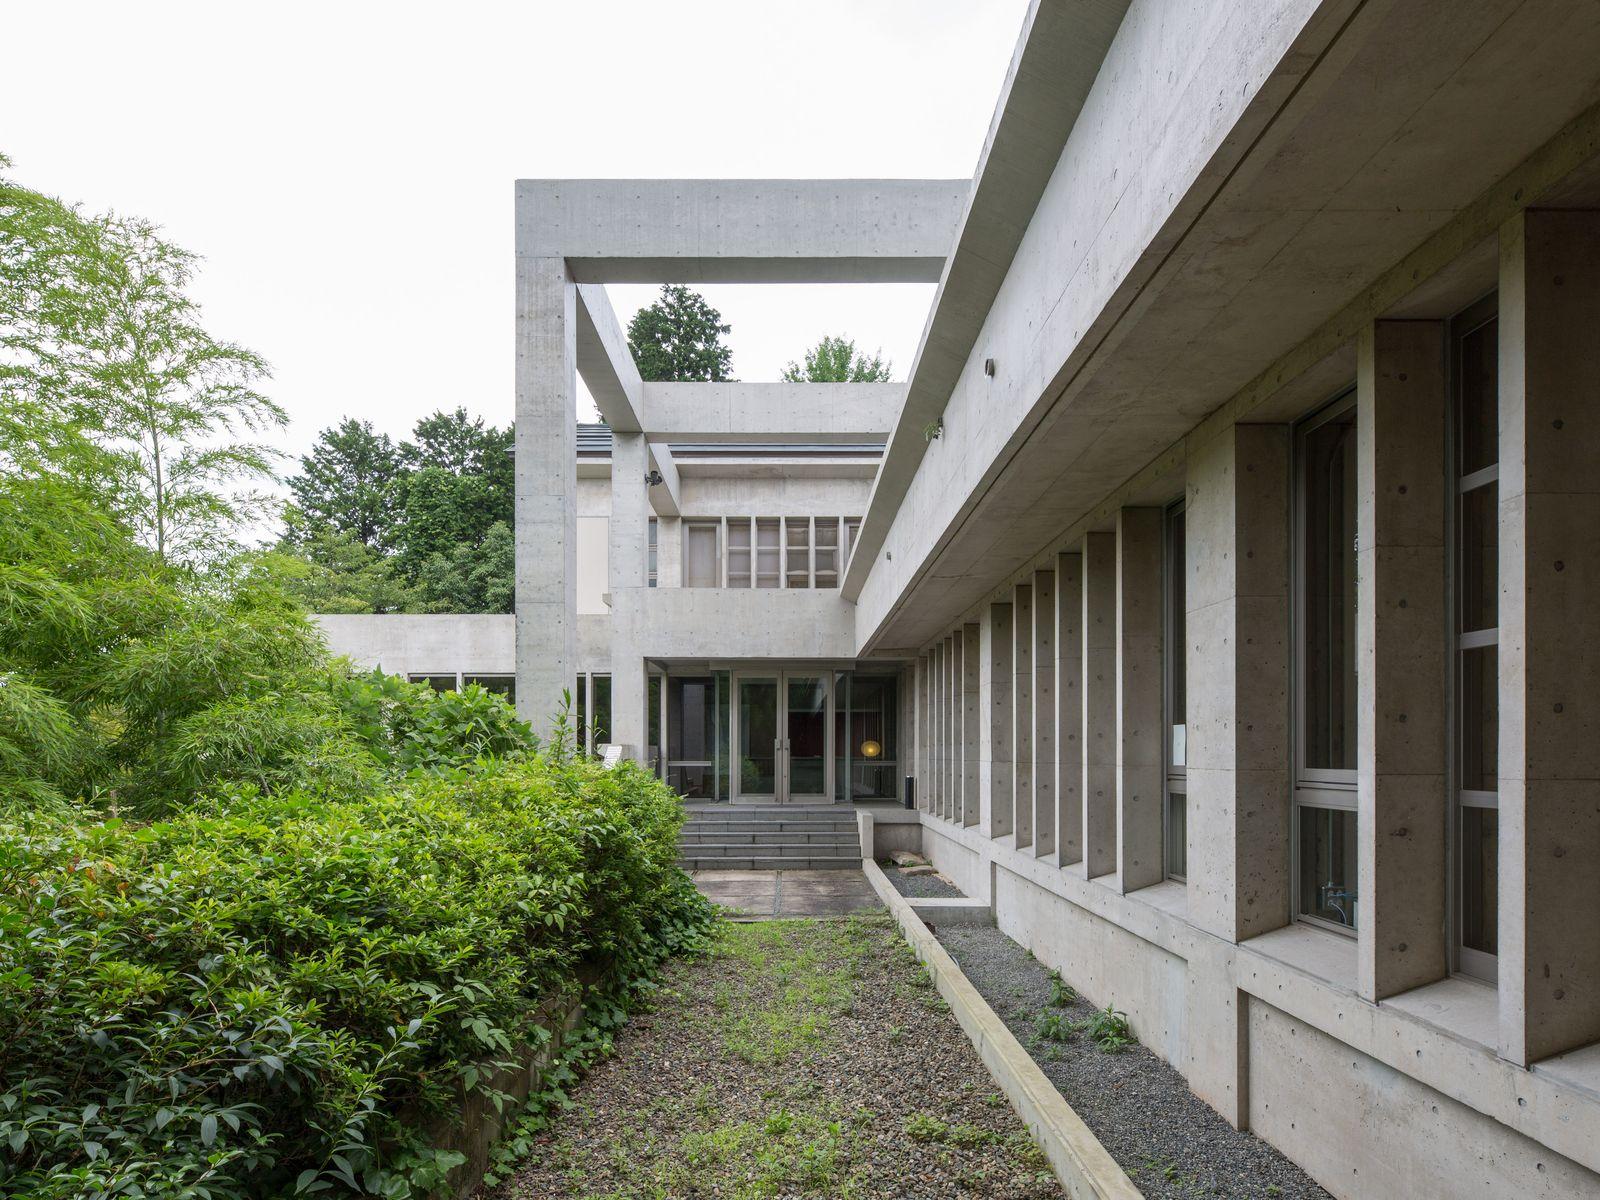 VK2018_vue-extérieure-bâtiment_Kenryou-GU-248